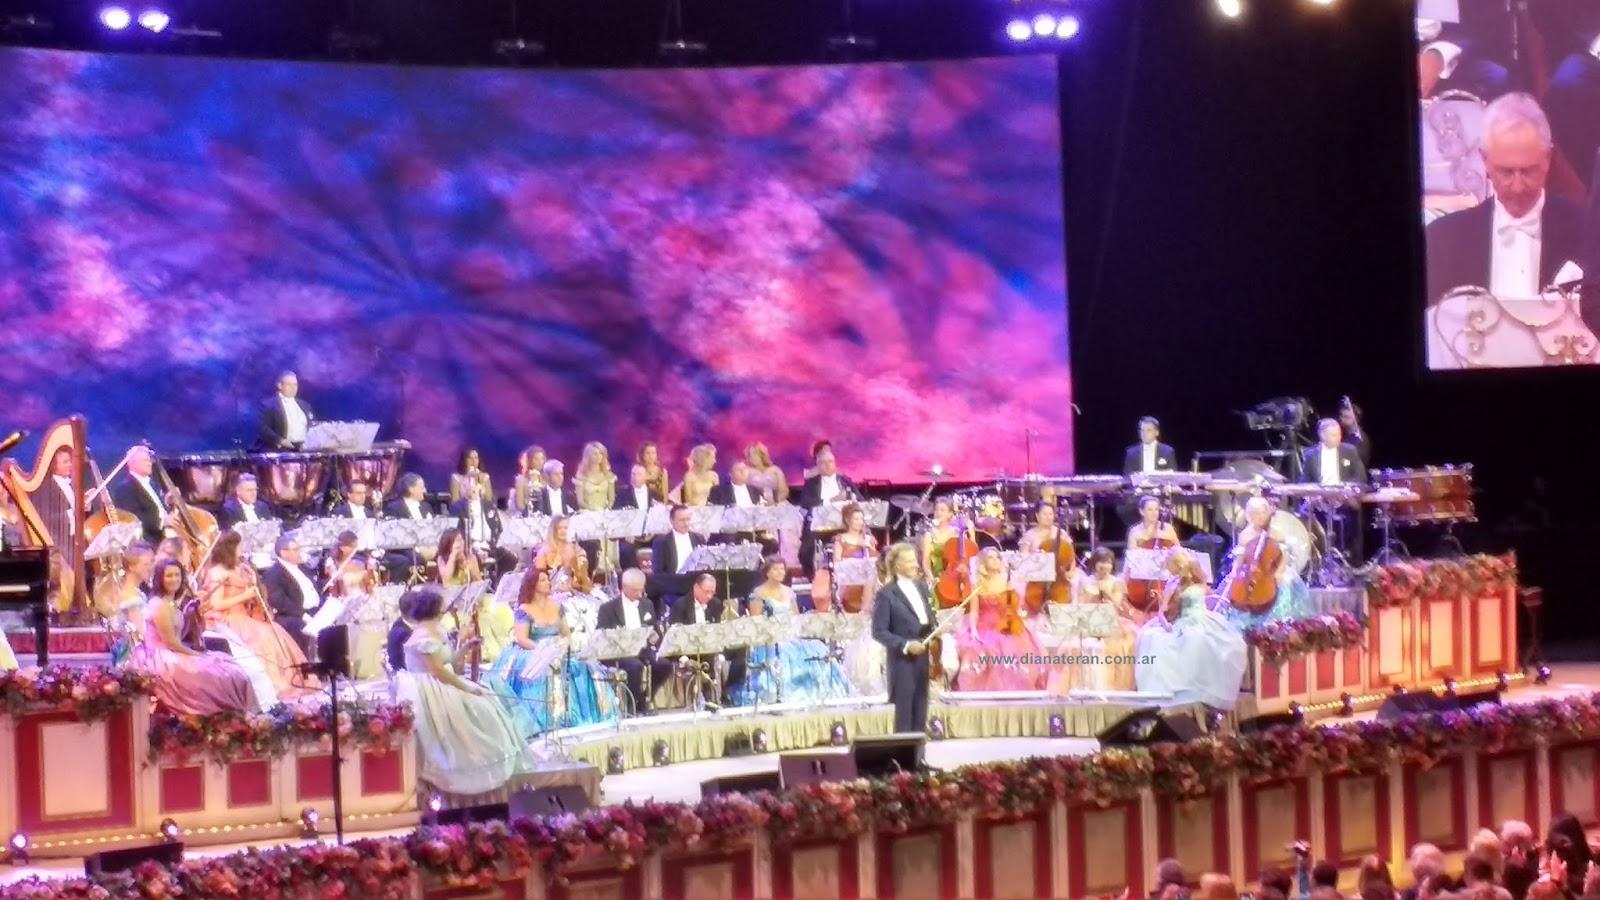 Diana teran andr rieu y su orquesta en argentina 2016 for Espectaculos argentina 2016